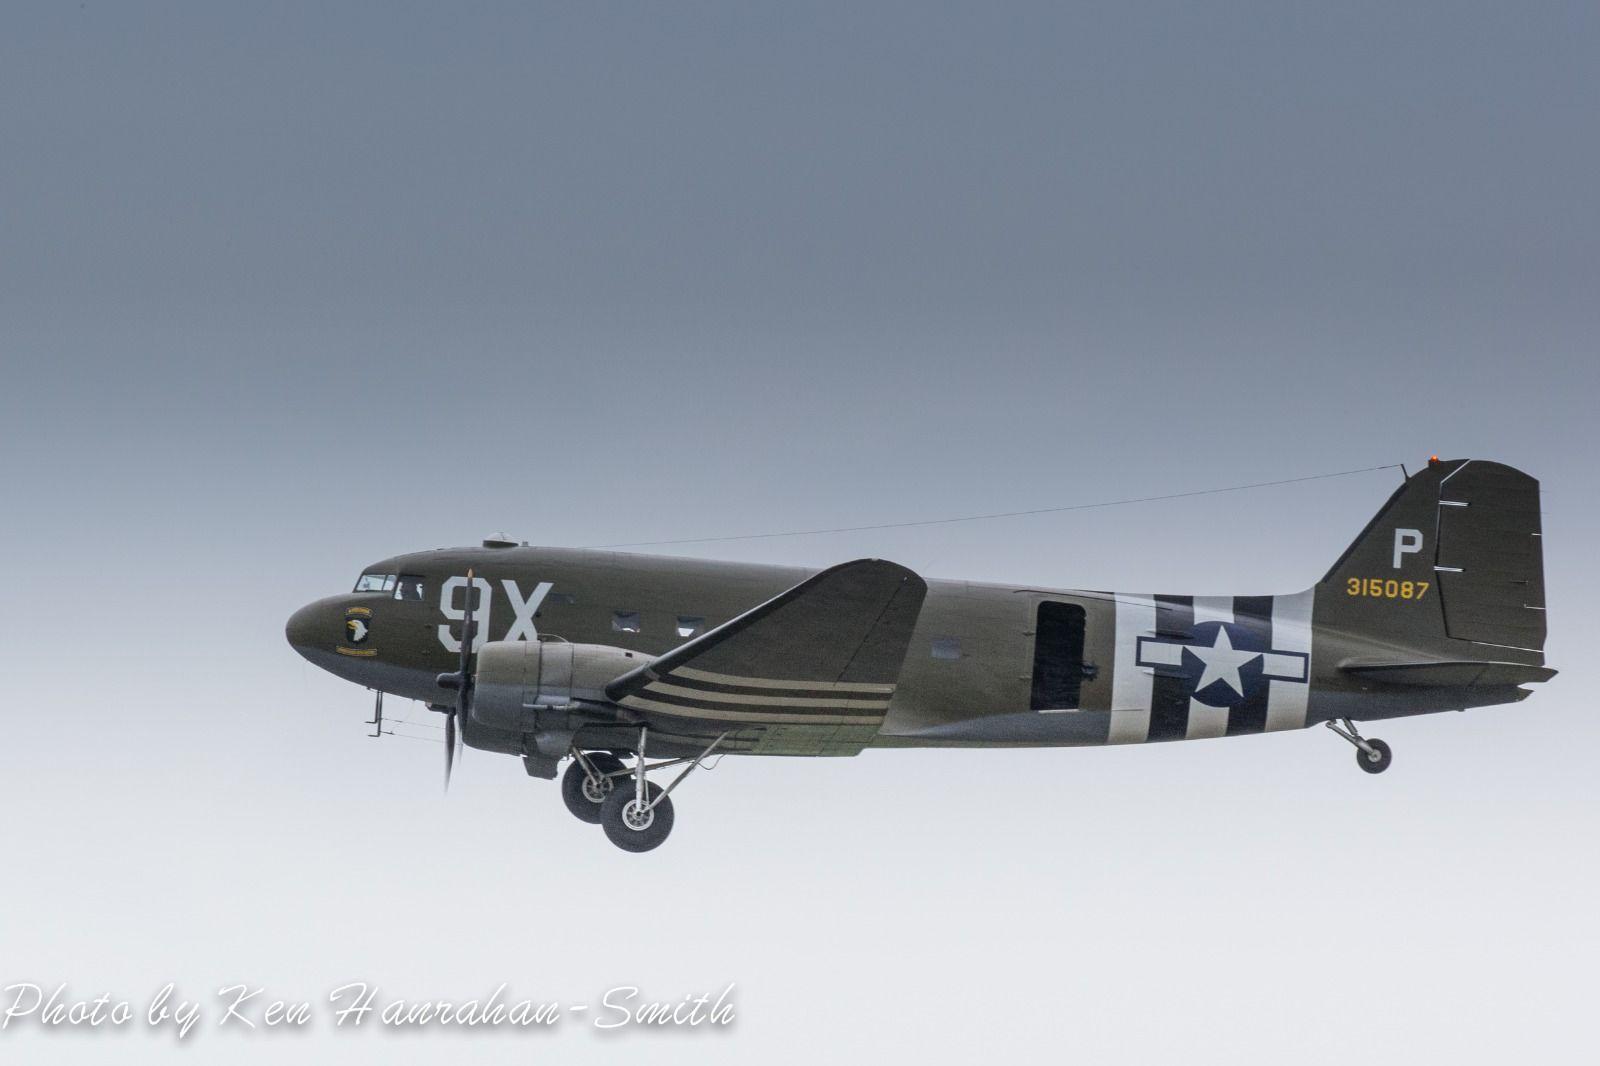 T2DX4349